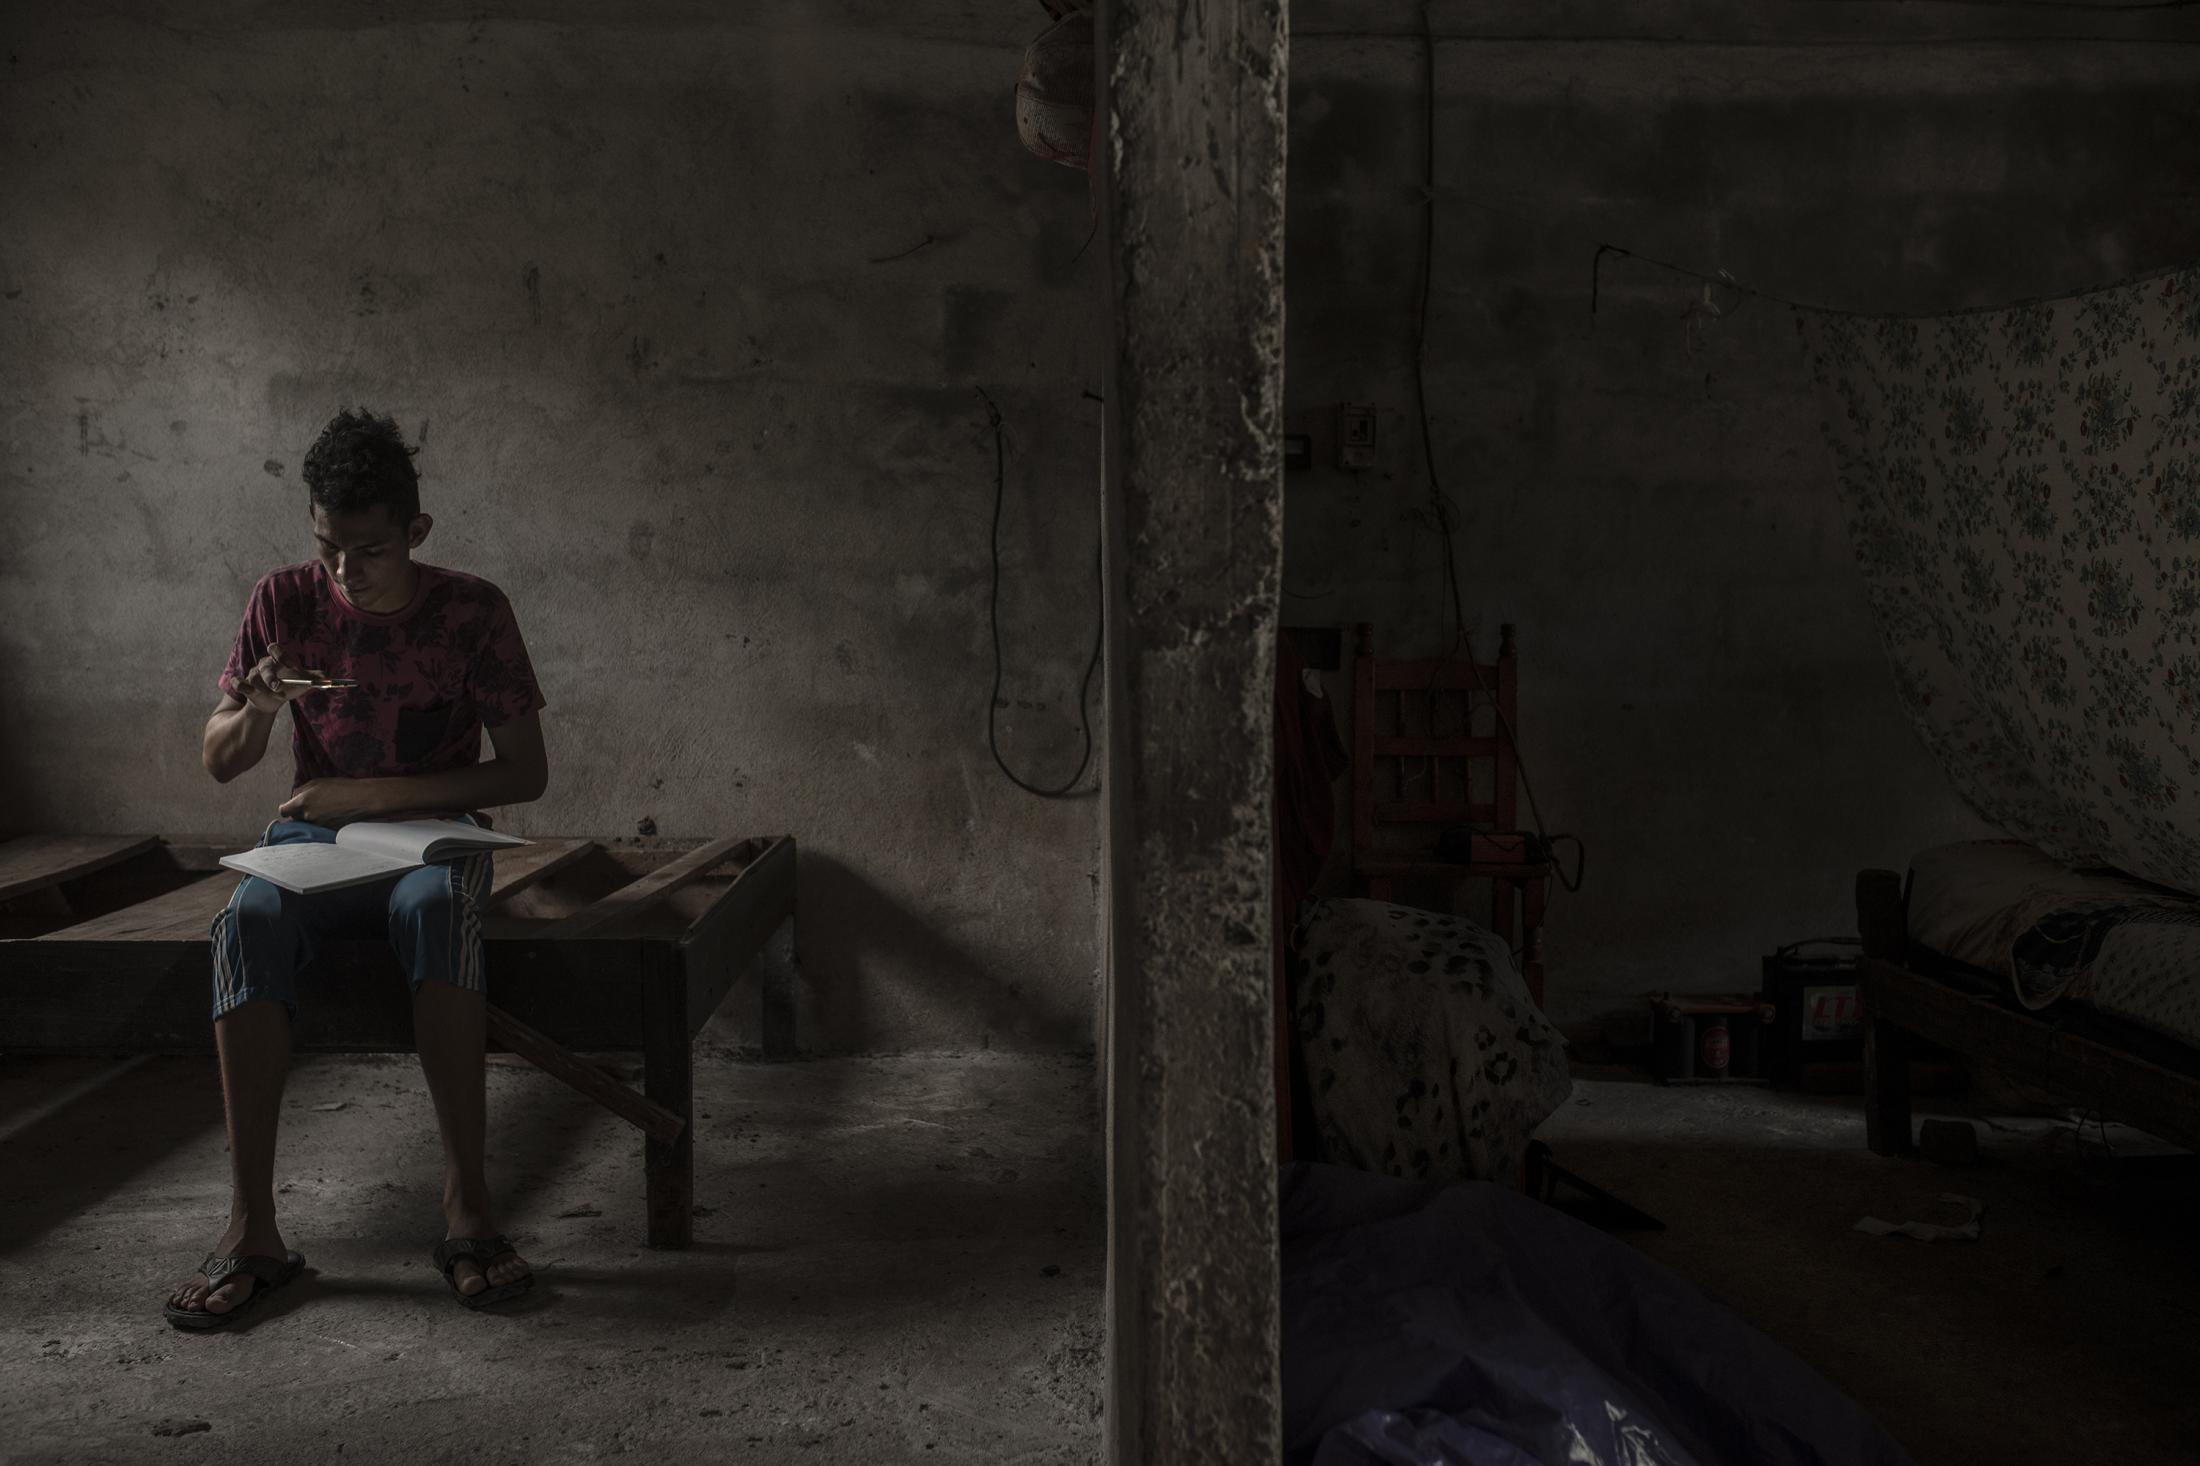 Brian Zamudio, 18 años, toma una fotografía a su tarea al interior de una vivienda de la comunidad de El Nacaste, Alvarado. Brian ha sido uno de los estudiantes afectados por la pandemia del Covid-19 al vivir en una comunidad sin energía eléctrica ni internet para poder realizar sus actividades académicas.